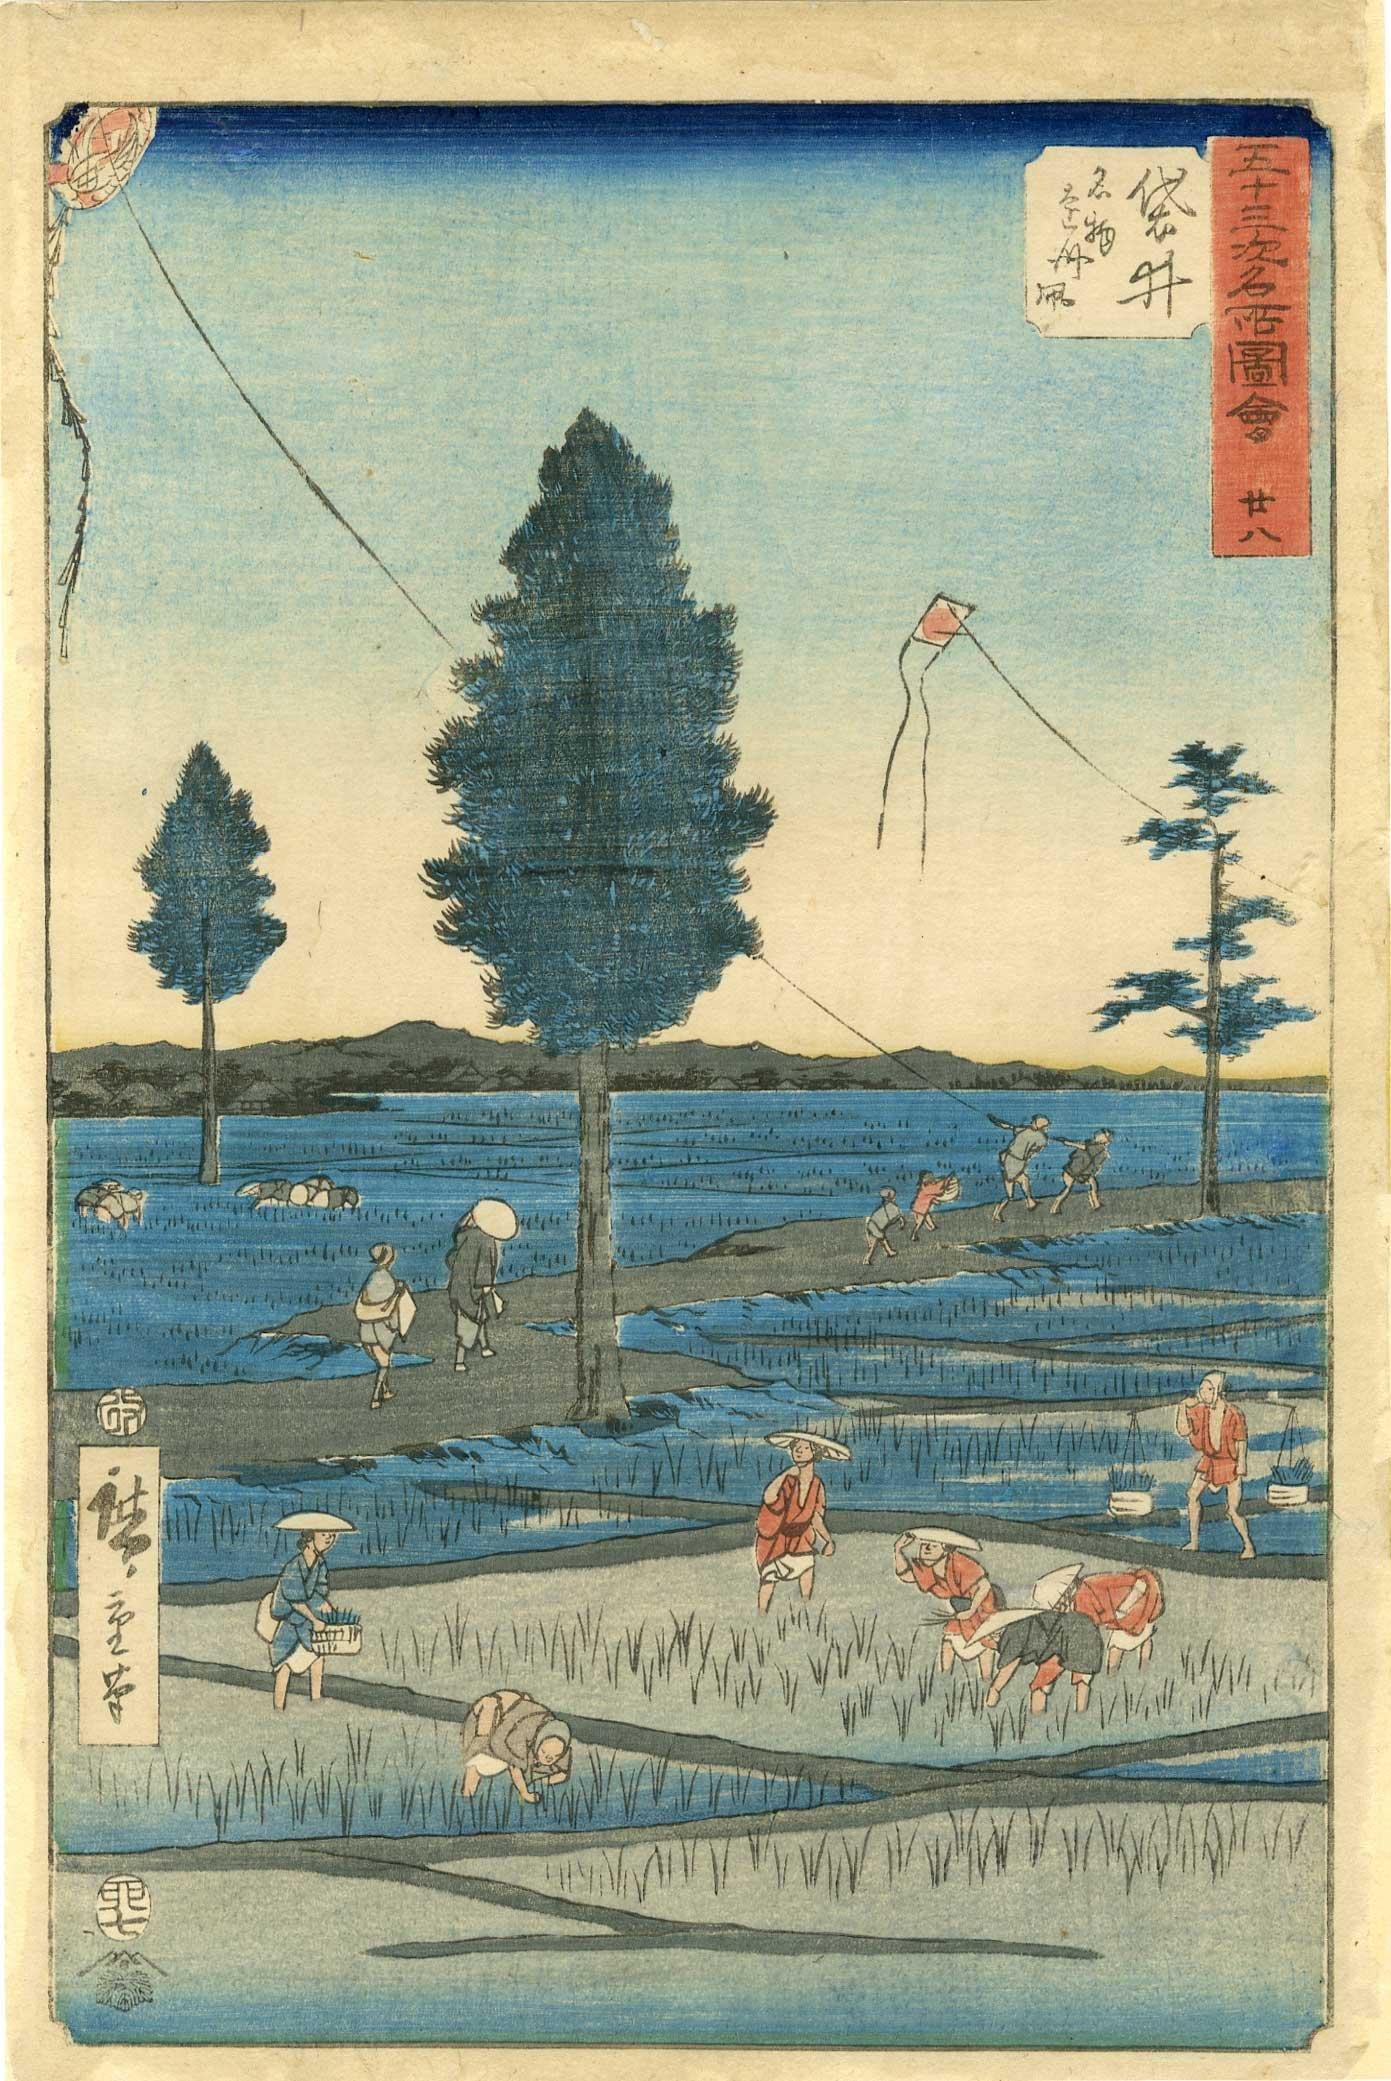 Utagawa Hiroshige -Tokaido Kites c1850s Original